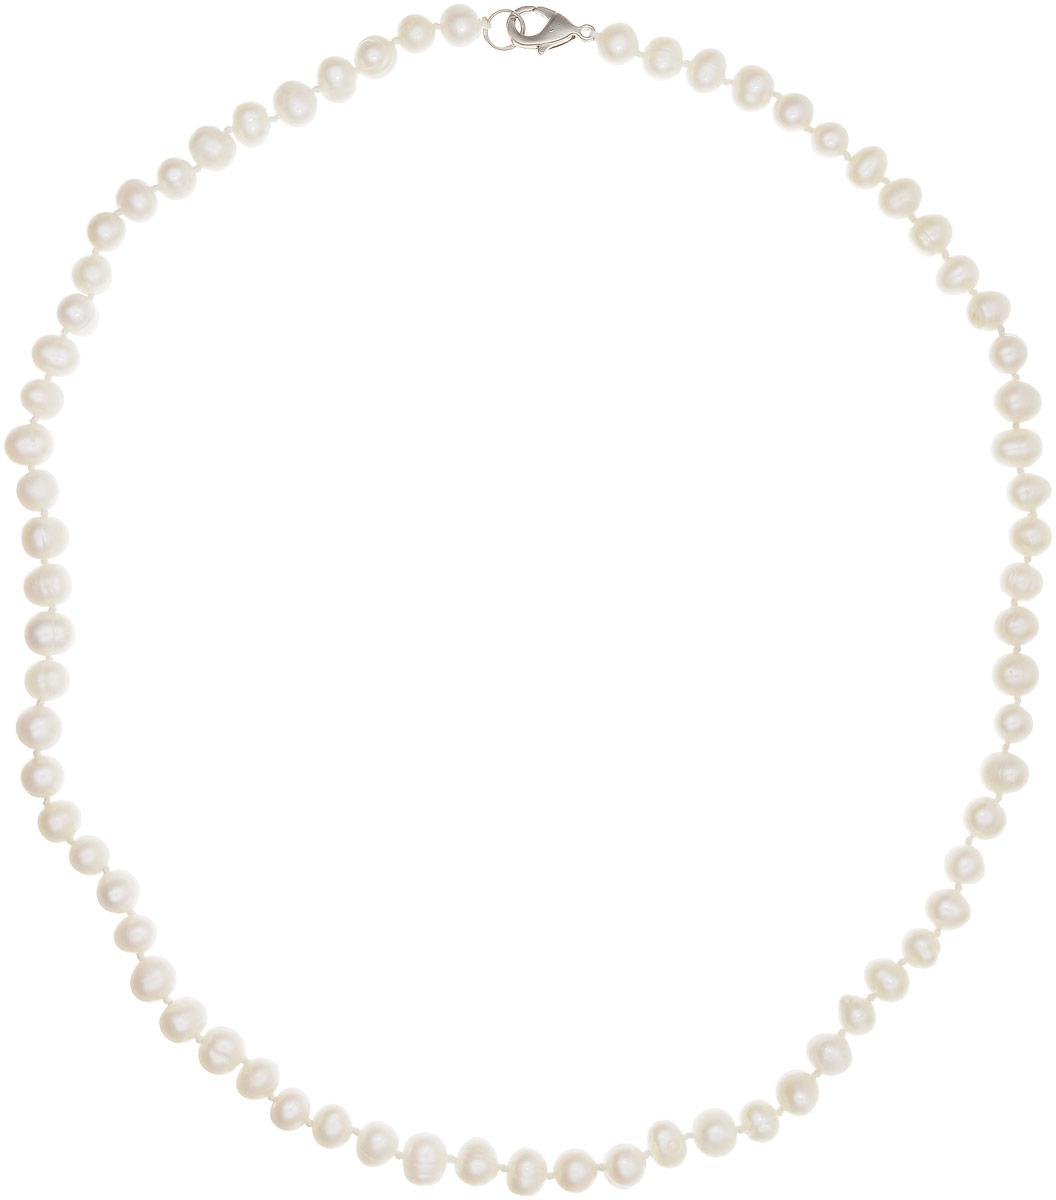 Бусы Art-Silver, цвет: белый, длина 55 см. КЖб7-8А55-513Бусы-ниткаБусы Art-Silver выполнены из культивированного жемчуга, нанизанного на текстильную нить. Украшение имеет удобный замок-карабин из бижутерного сплава.Мелкие бусины диаметром 5-7 мм из натурального культивированного жемчуга нежно-бежевого цвета имеют слегка неоднородную форму, что подчеркивает естественное происхождение жемчужин. Благородный перламутровый блеск жемчуга подчеркнет вашу элегантность и превосходный вкус.